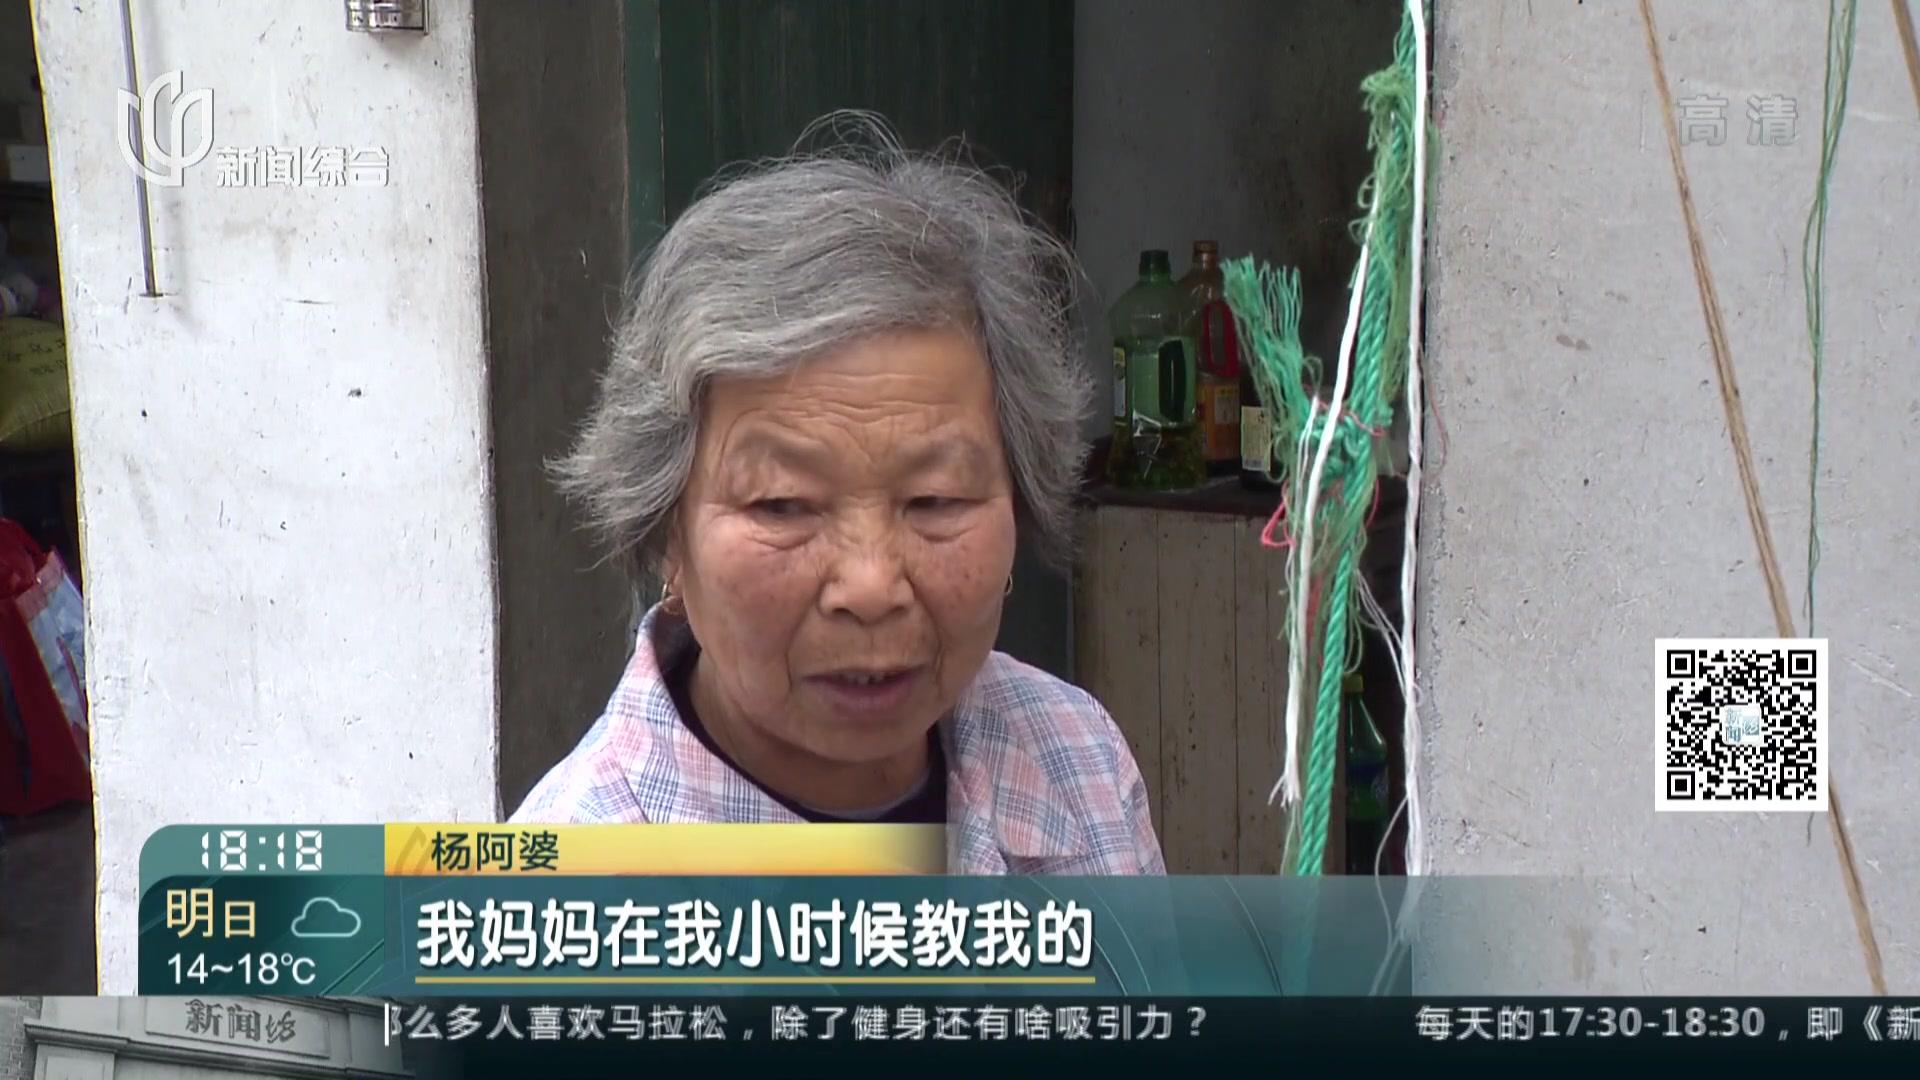 八旬老人爱织布  传统技艺承载悠悠岁月